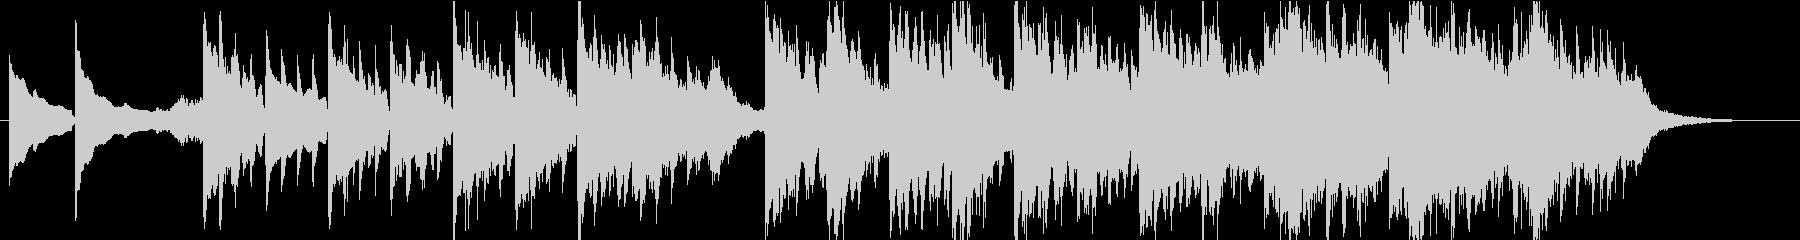 ピアノが印象的なエレクトロニカの未再生の波形